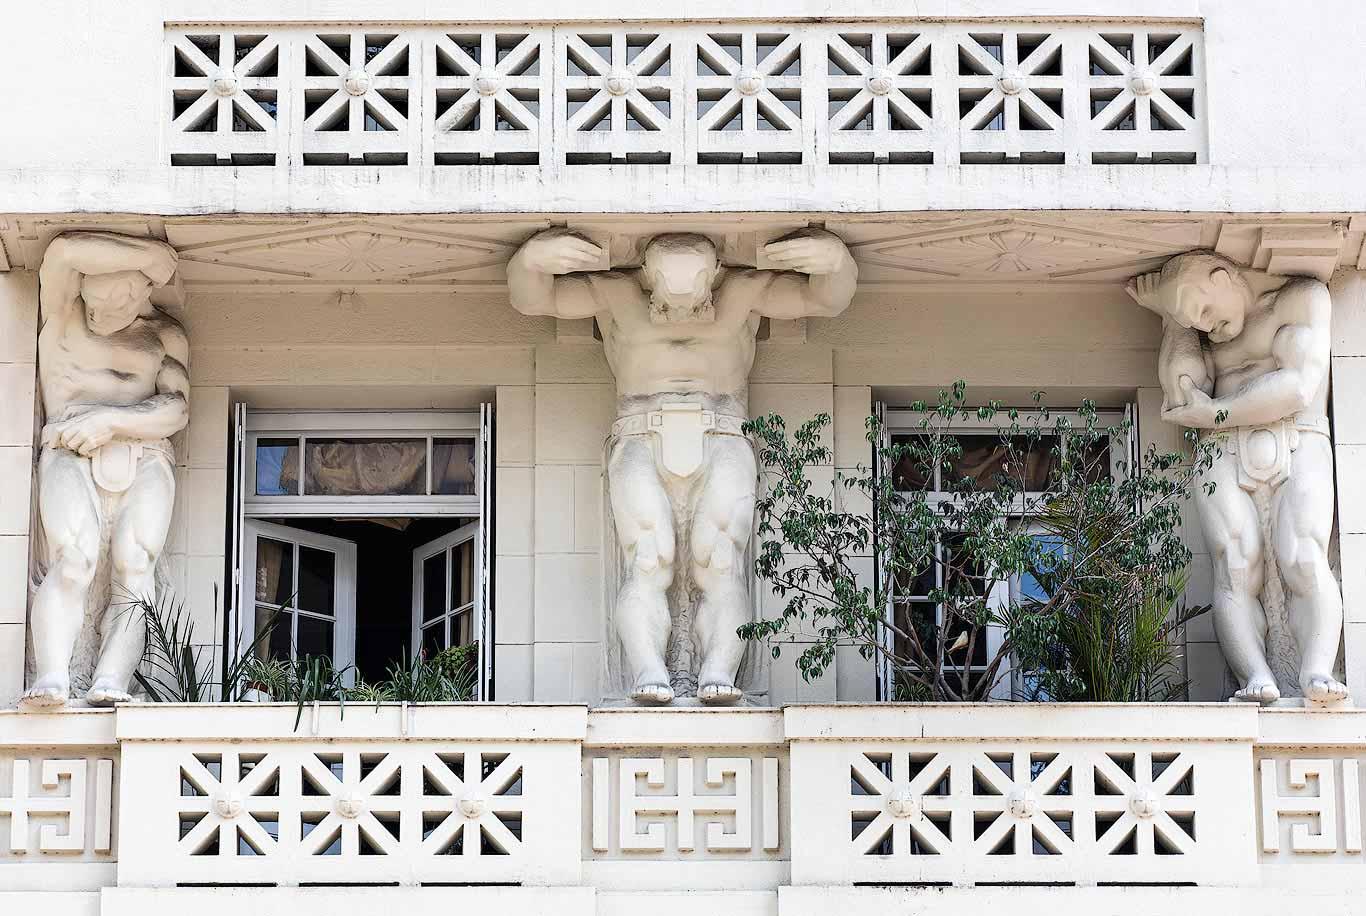 Ateneo Grand Splendid atlas